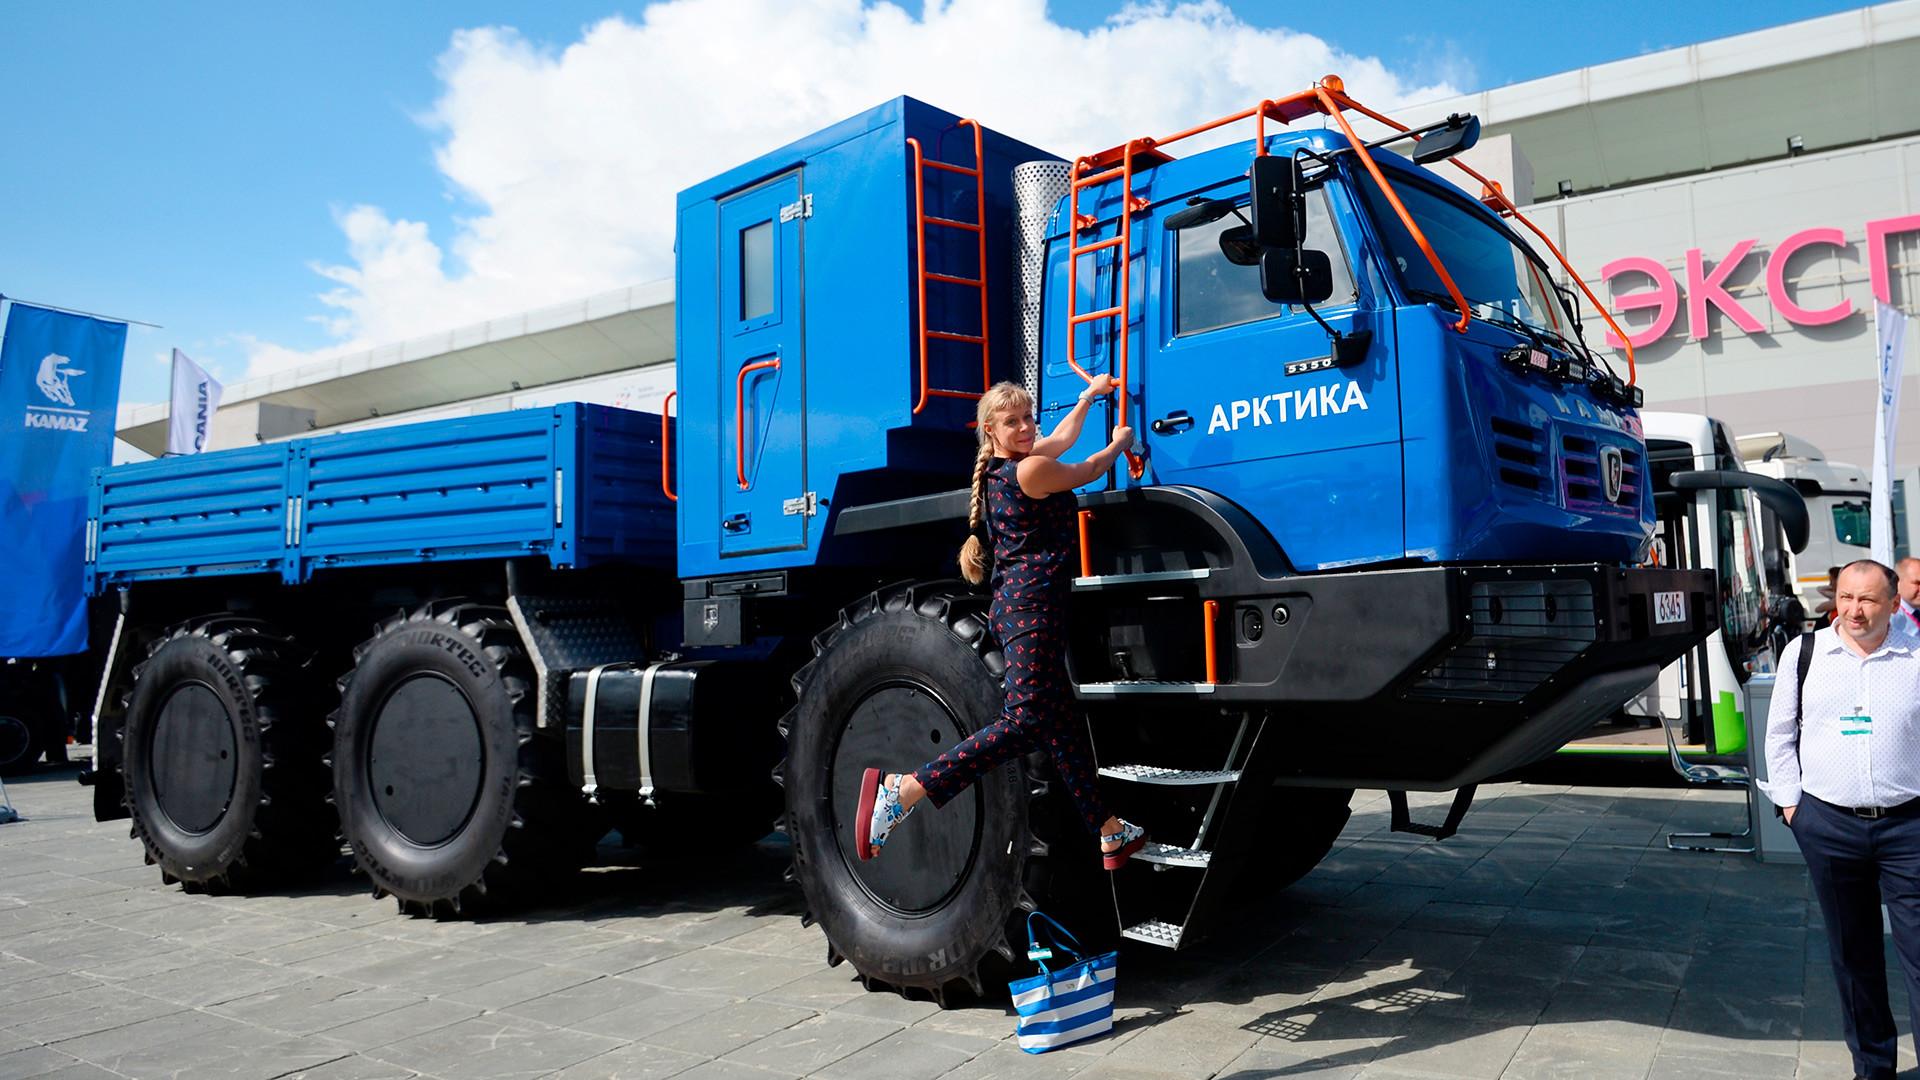 国際展示場「エカテリンブルグ・エキスポ」での、低気圧のタイヤを持つカマズ・アルクティカ。第9回の産業総合博覧会「イノプロム2018」にて。